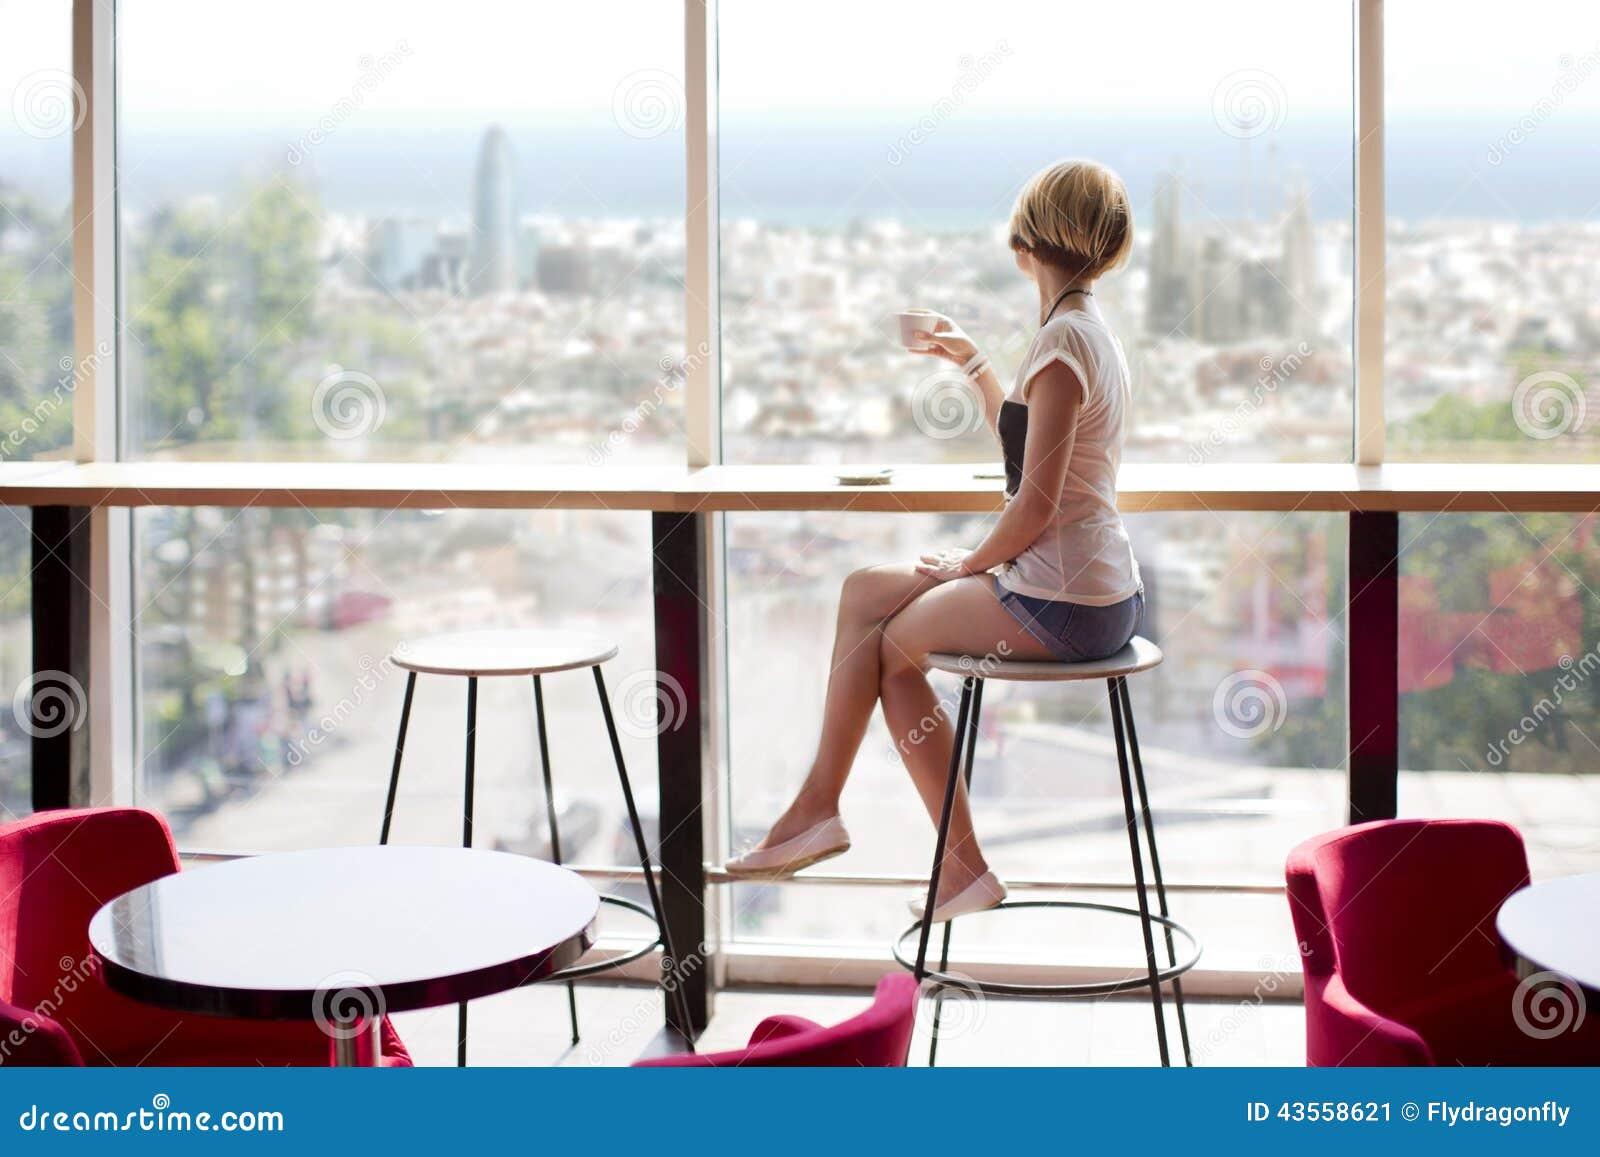 City Girl Cafe Dinner